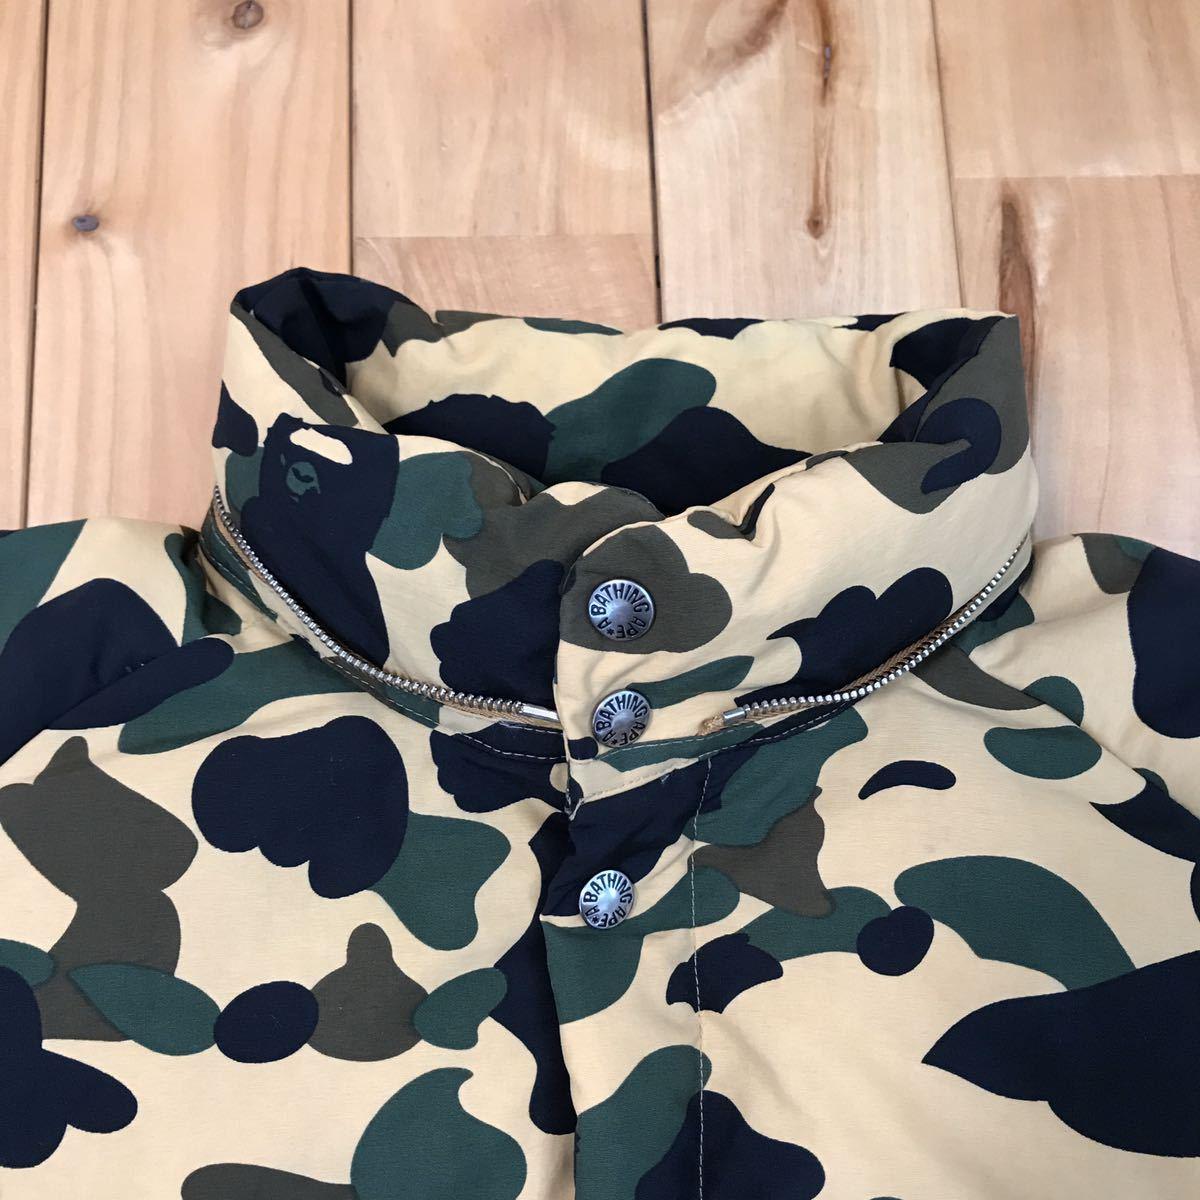 ファー付き ダウンジャケット Lサイズ FUR hoodie down jacket a bathing ape bape エイプ ベイプ アベイシングエイプ 1st camo yellow 524